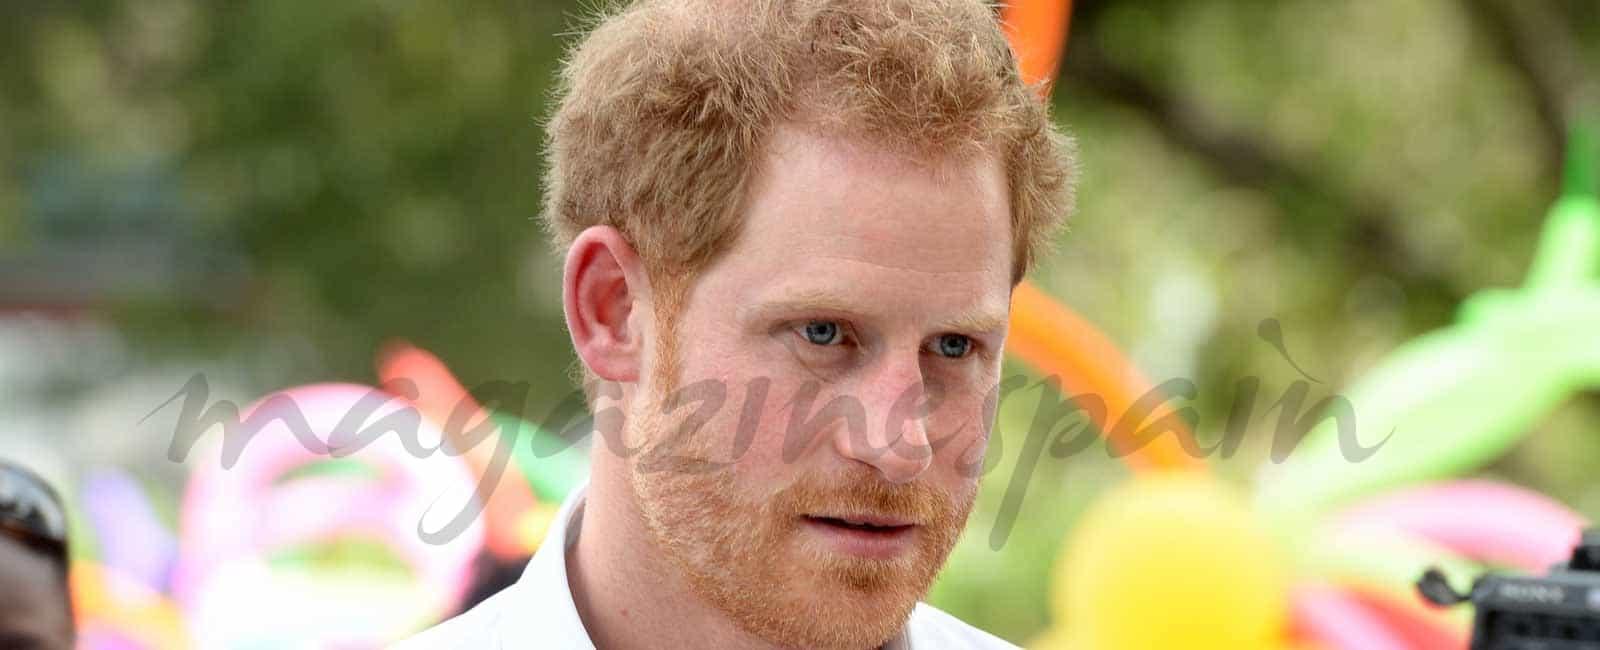 El príncipe Harry en el Caribe, mientras Meghan Markle está libre…